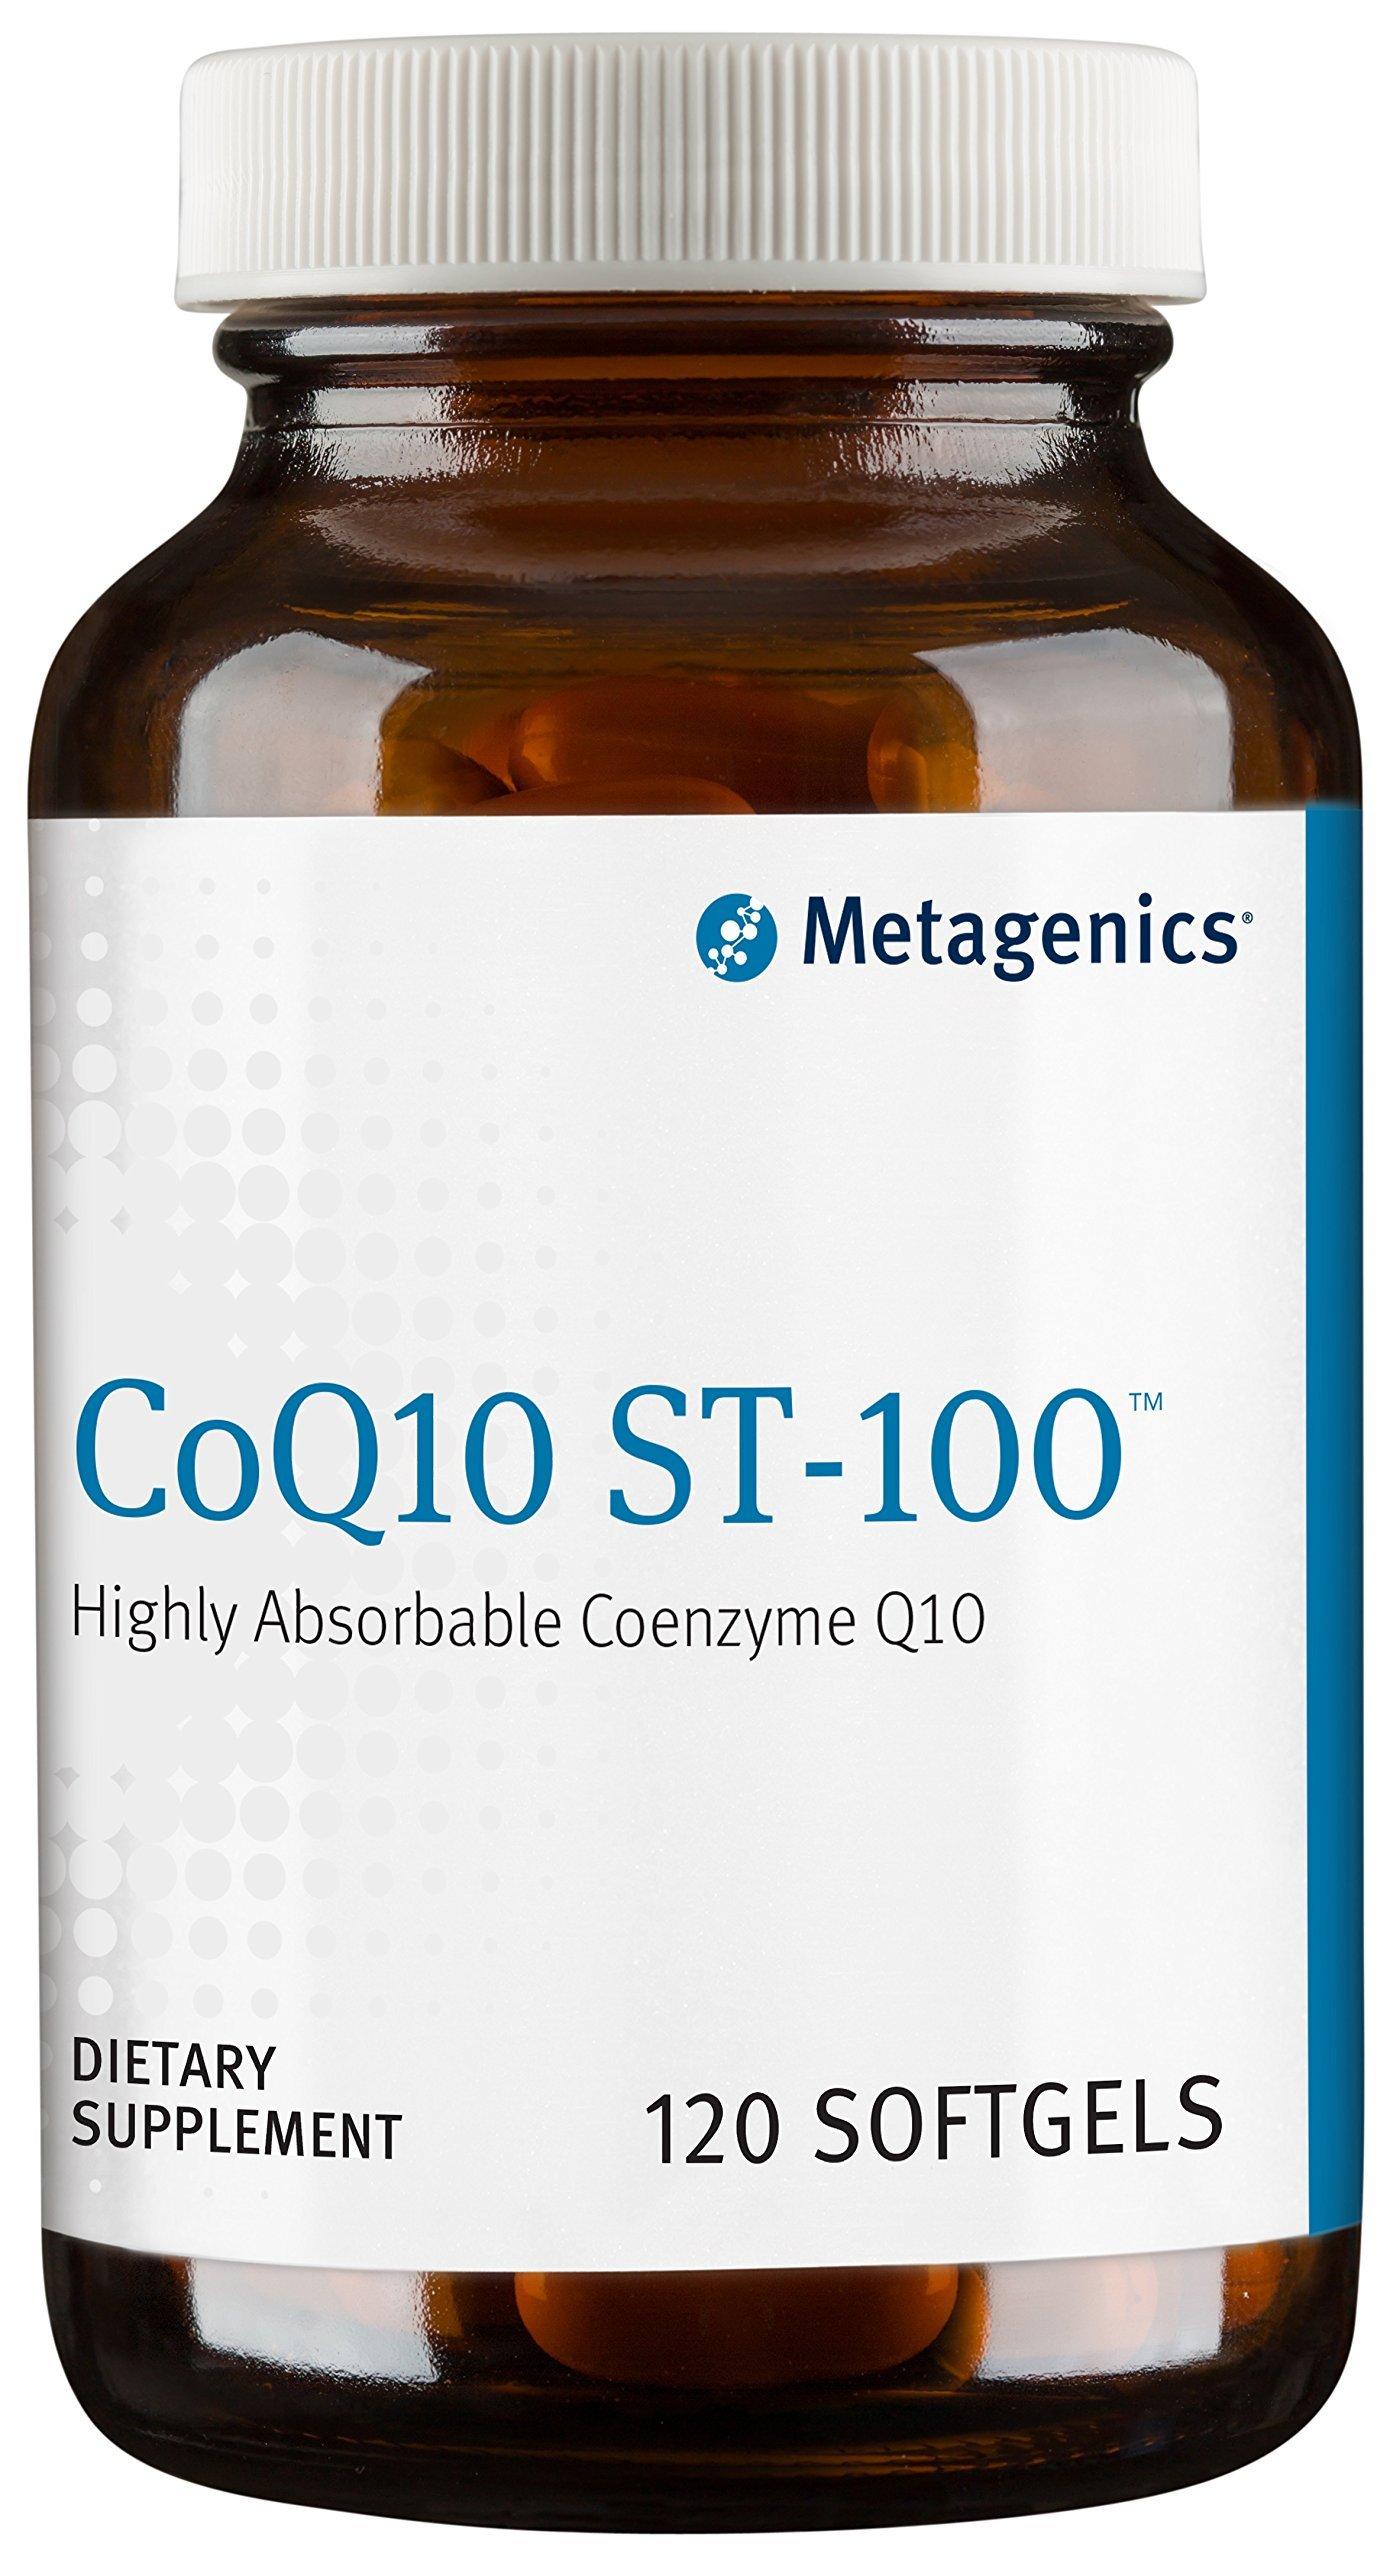 Metagenics CoQ10 ST-100 Softgel, 120 Count